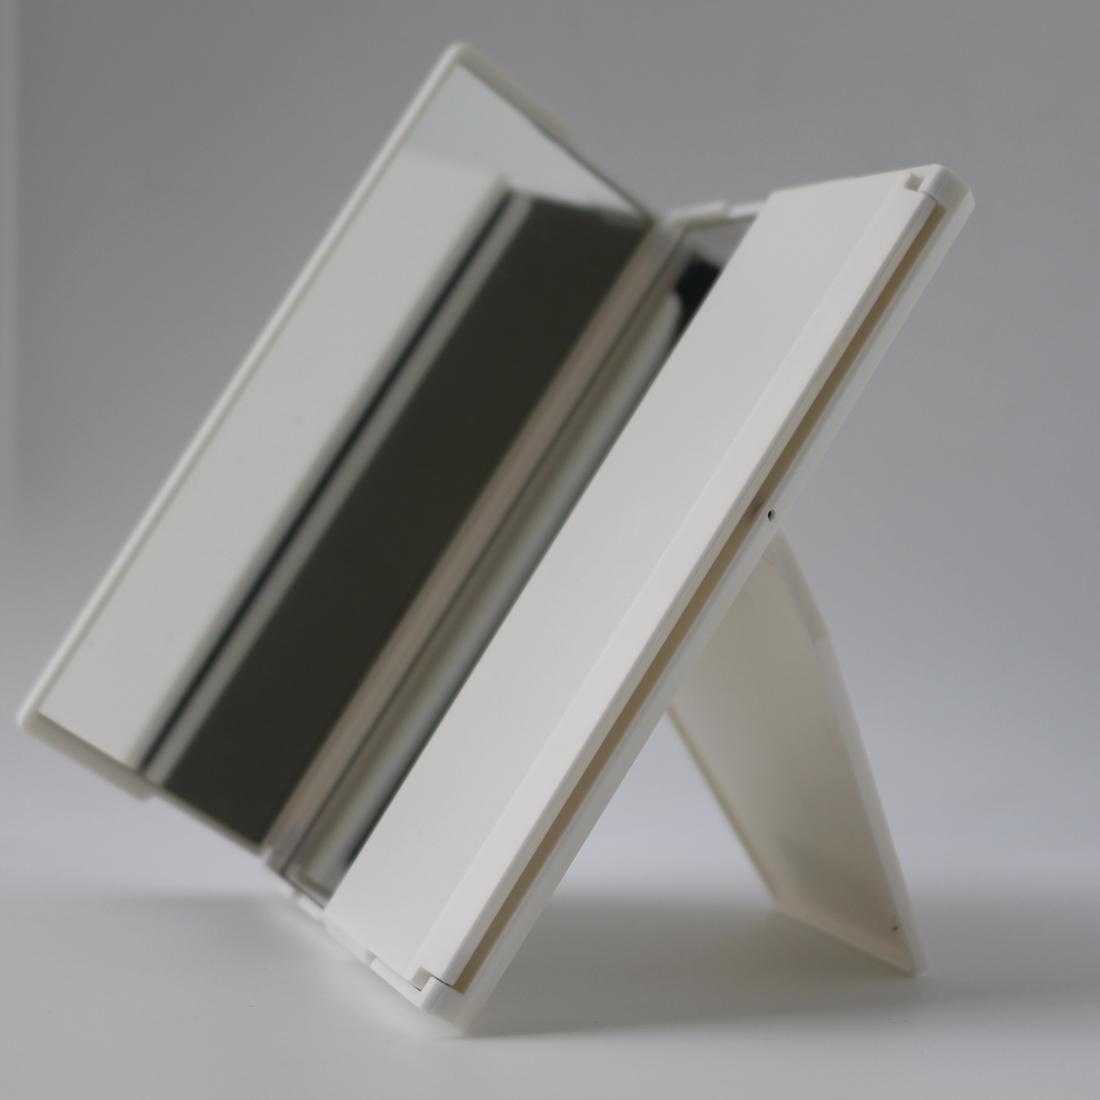 Gương trang điểm để bàn dạng gập MINISO MEDIUM FOLDING MIRROR - MNS031